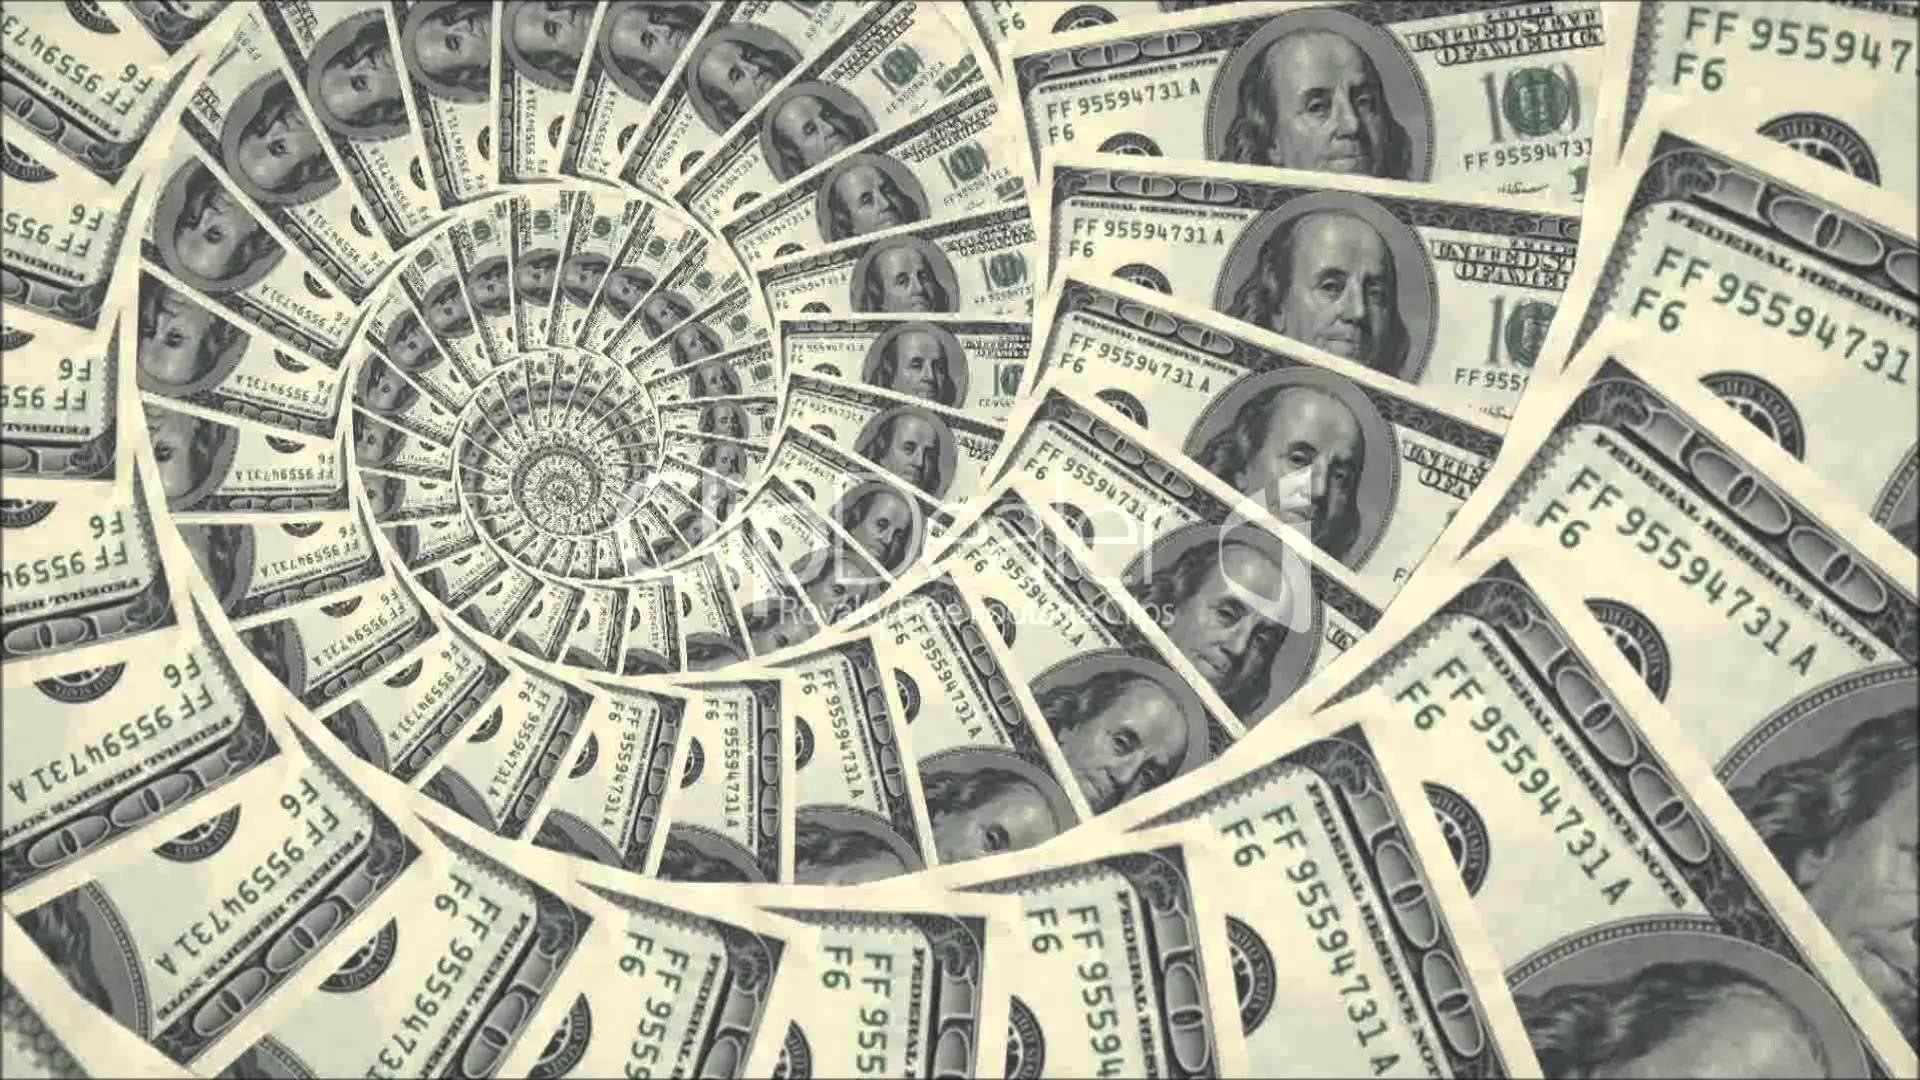 মাথাপিছু আয় ১৬০২ ডলার, ৭.২৪% প্রবৃদ্ধির প্রাক্কলন